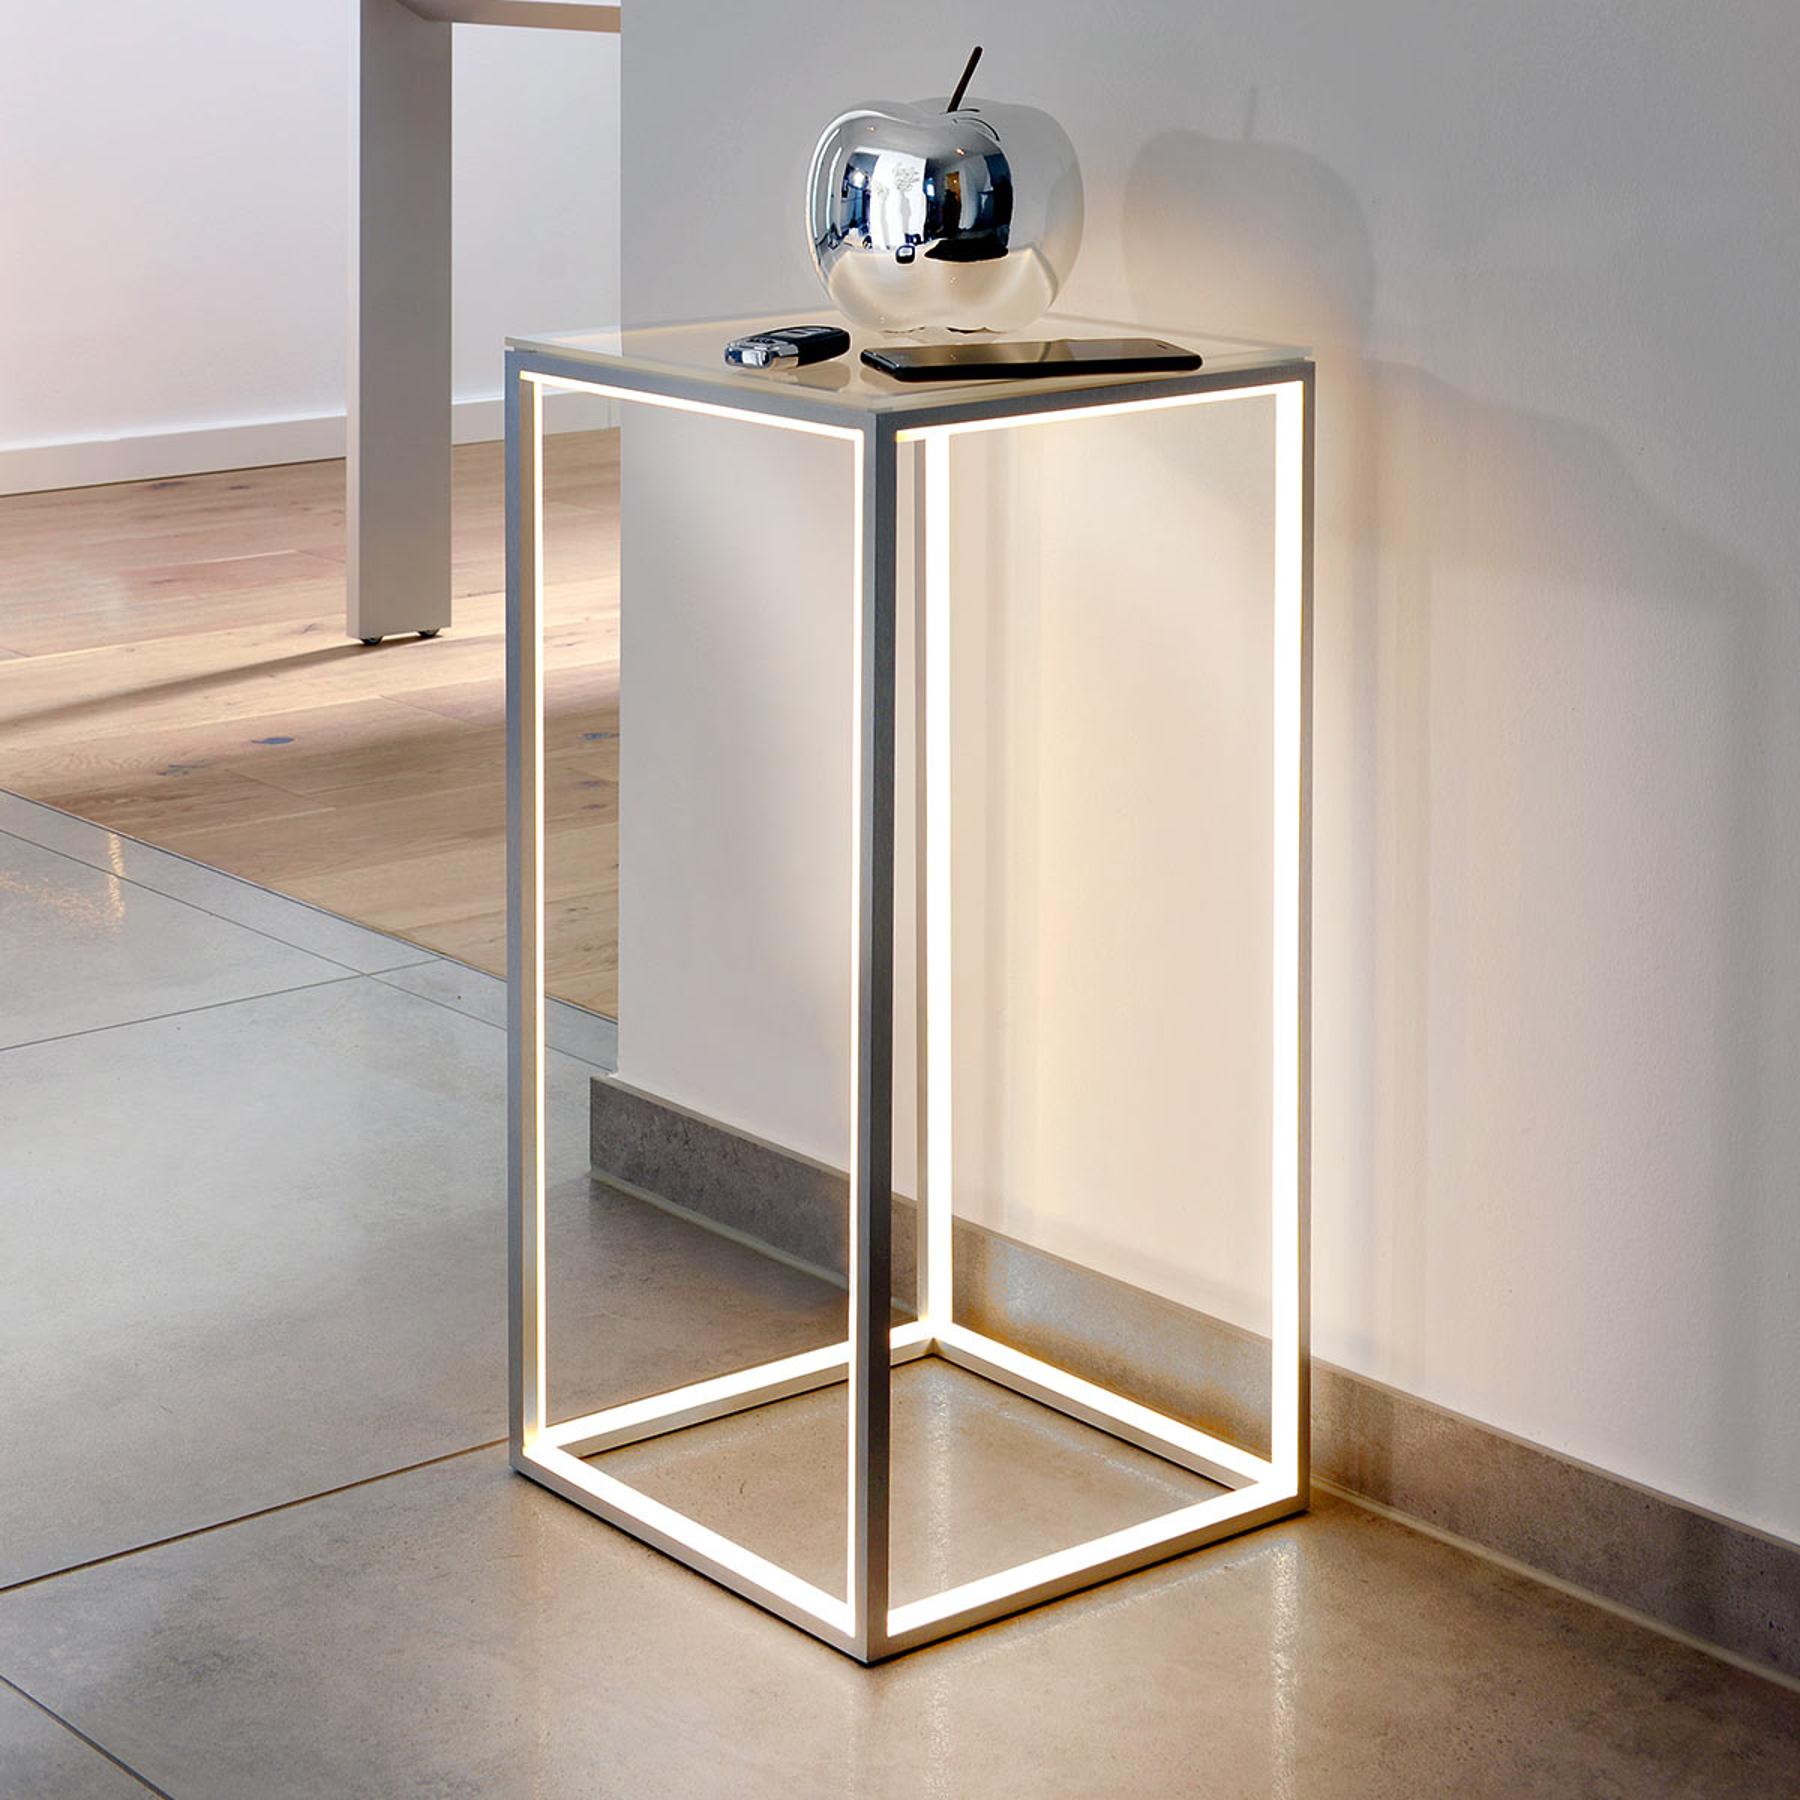 Delux-valaisinpöytä, korkeus 60 cm